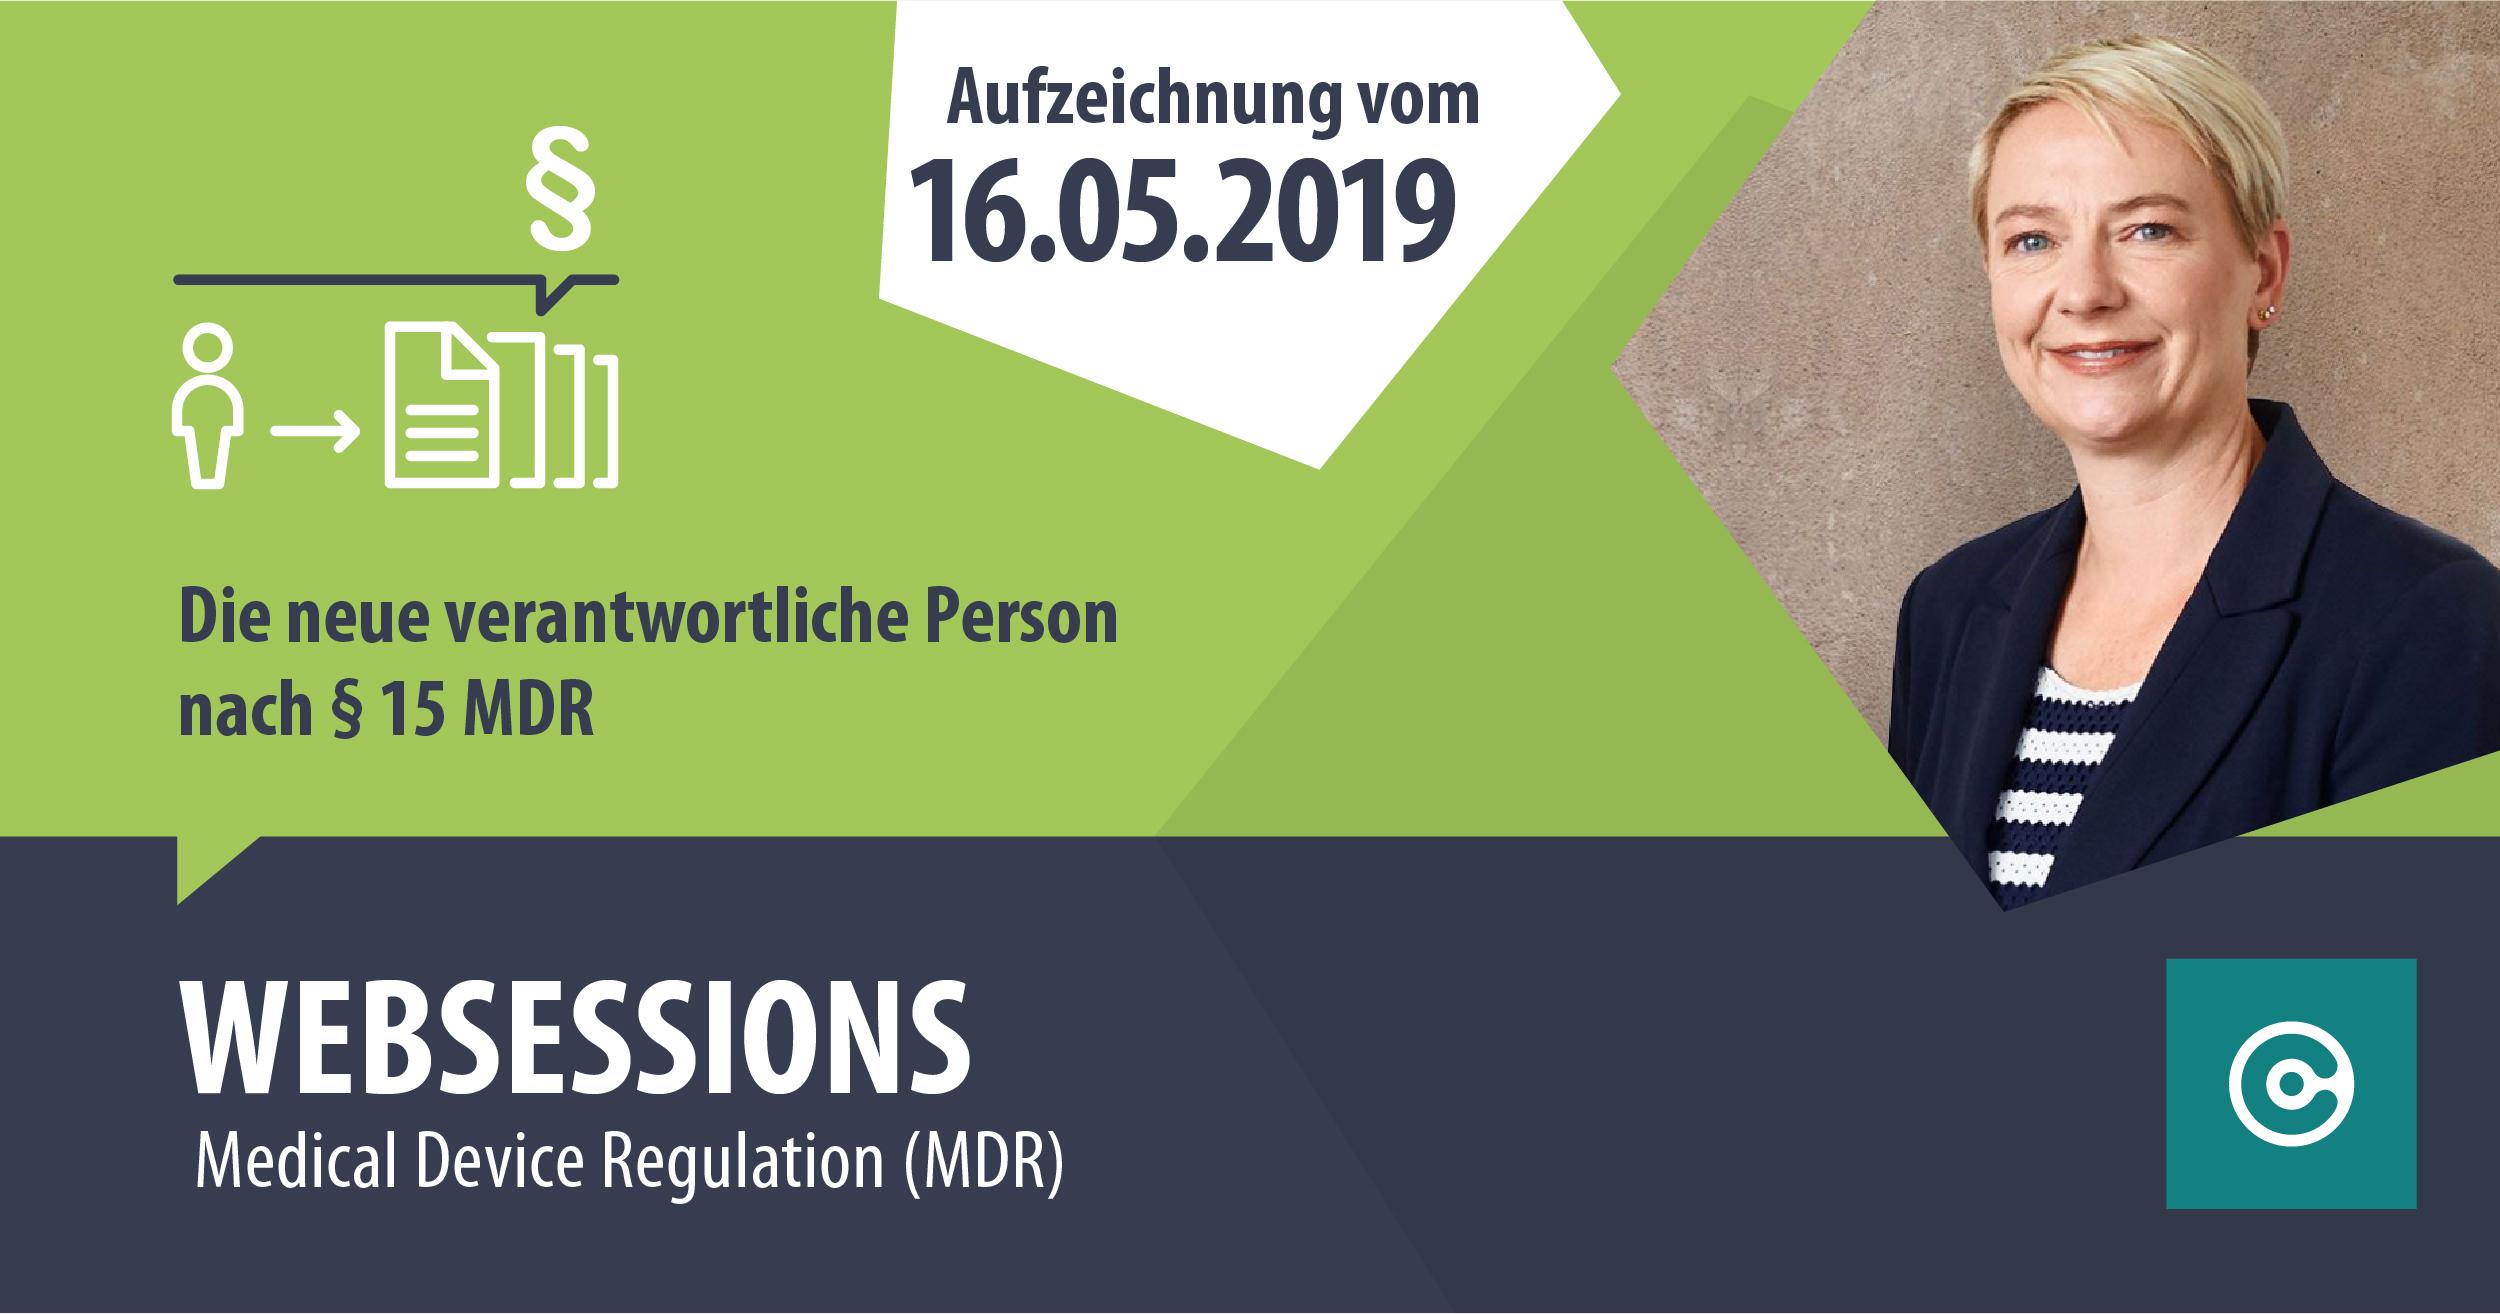 Die neue verantwortliche Person nach Art. 15 MDR: Verantwortung und Haftung